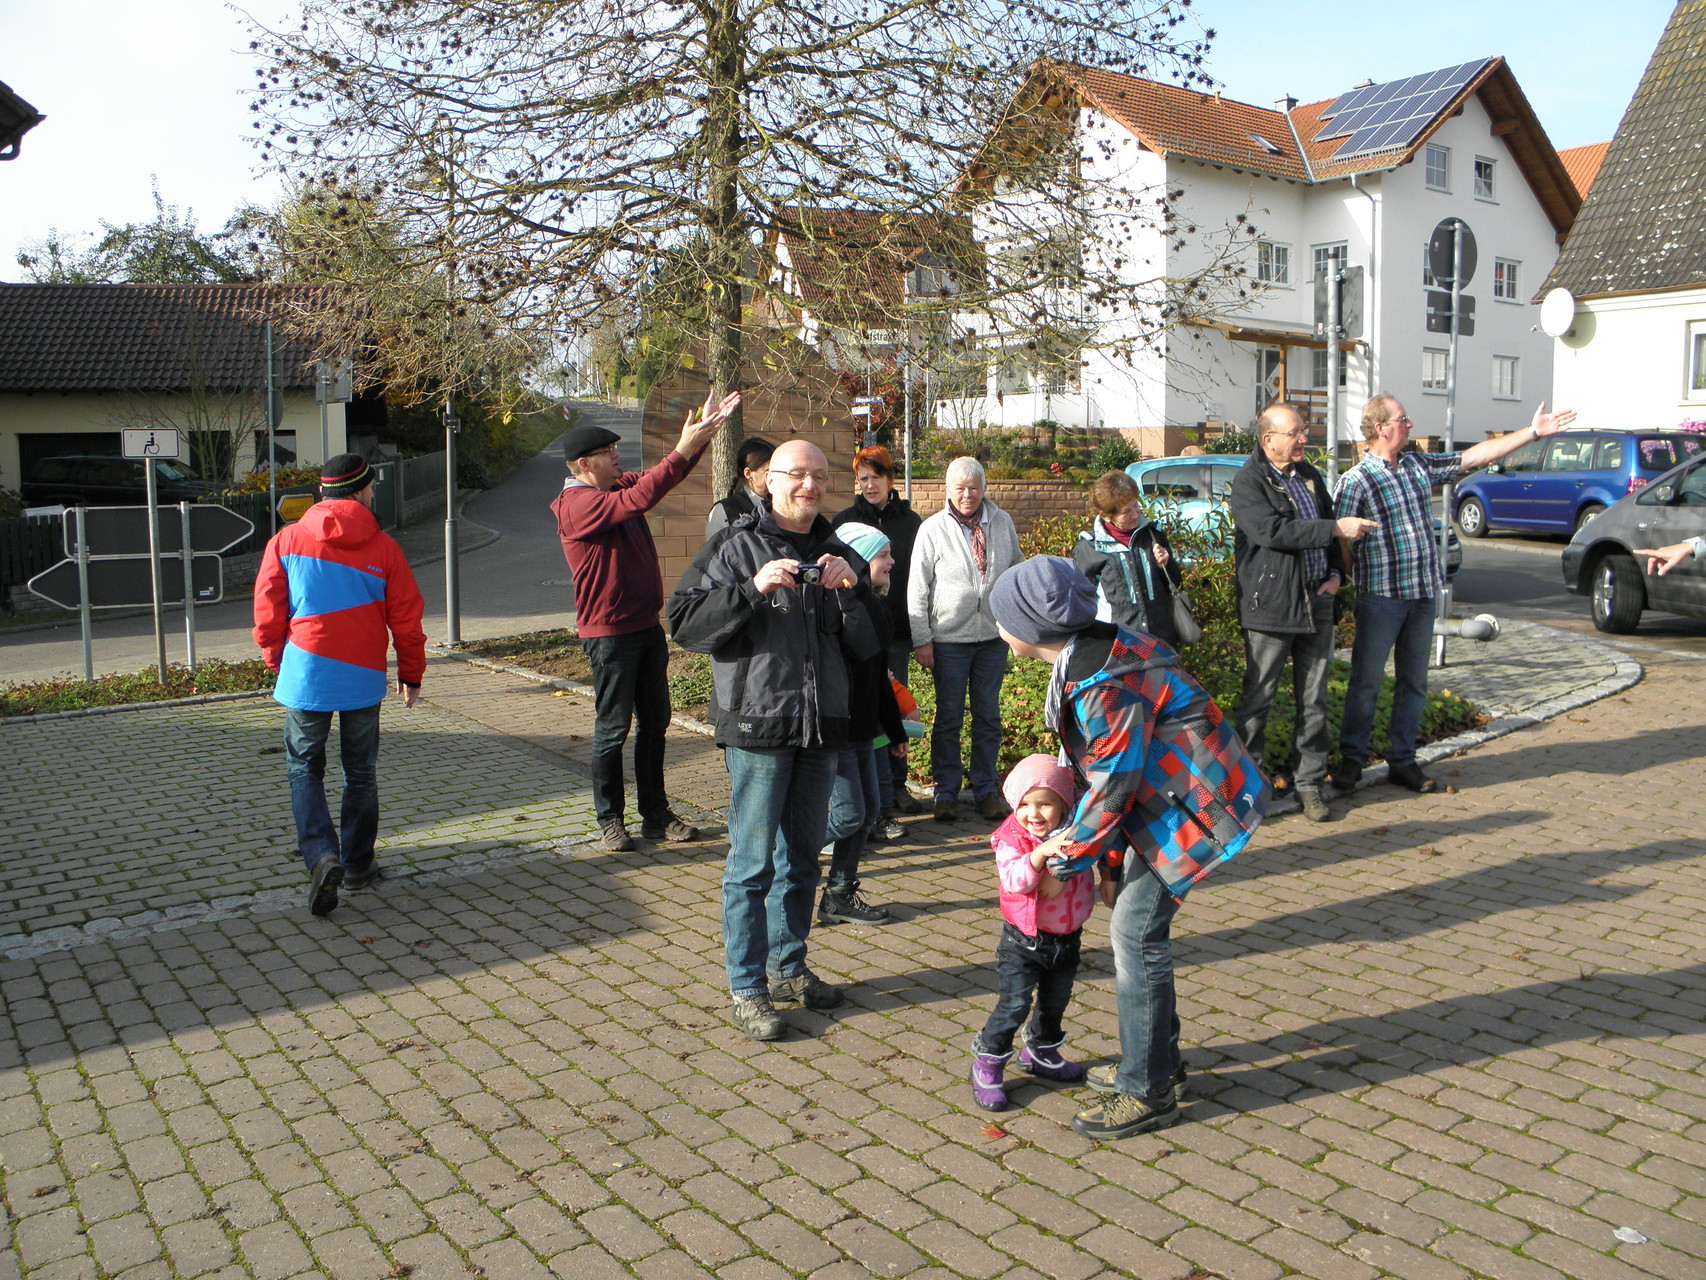 Mühlenwanderung Schollbrunn am 9. November - wir starten